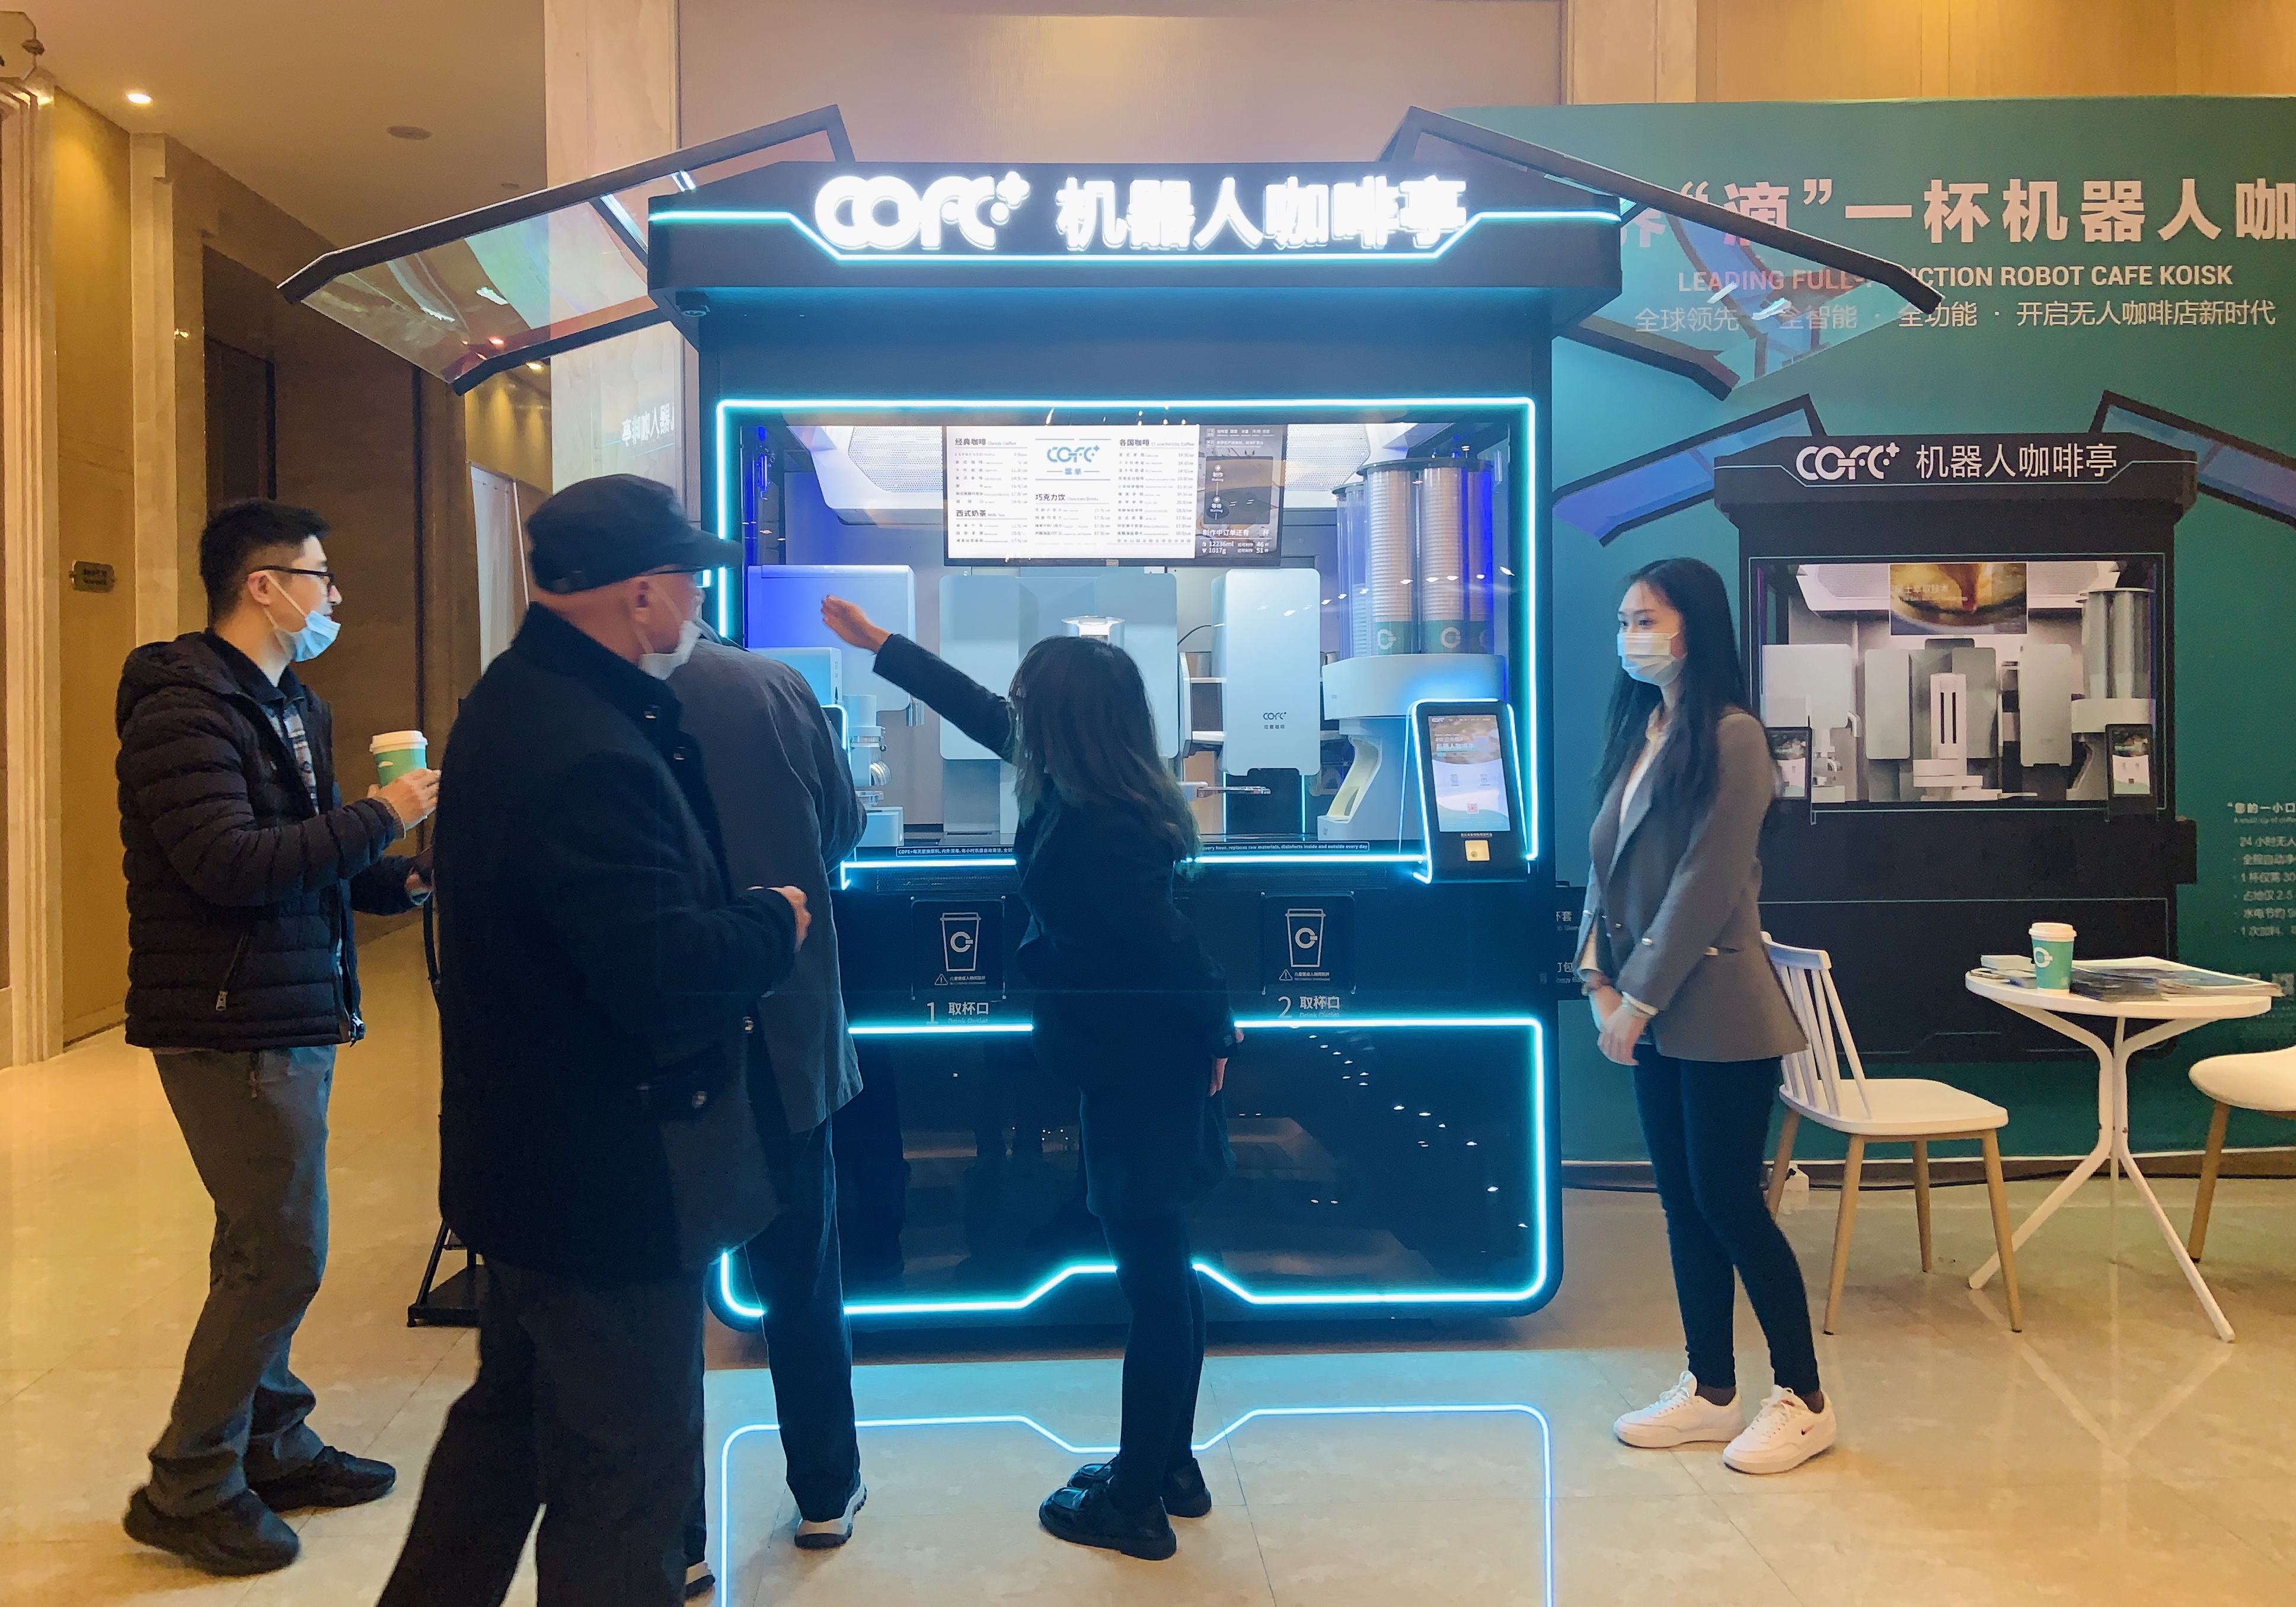 复旦大学副校长亲切视察COFE+机器人咖啡